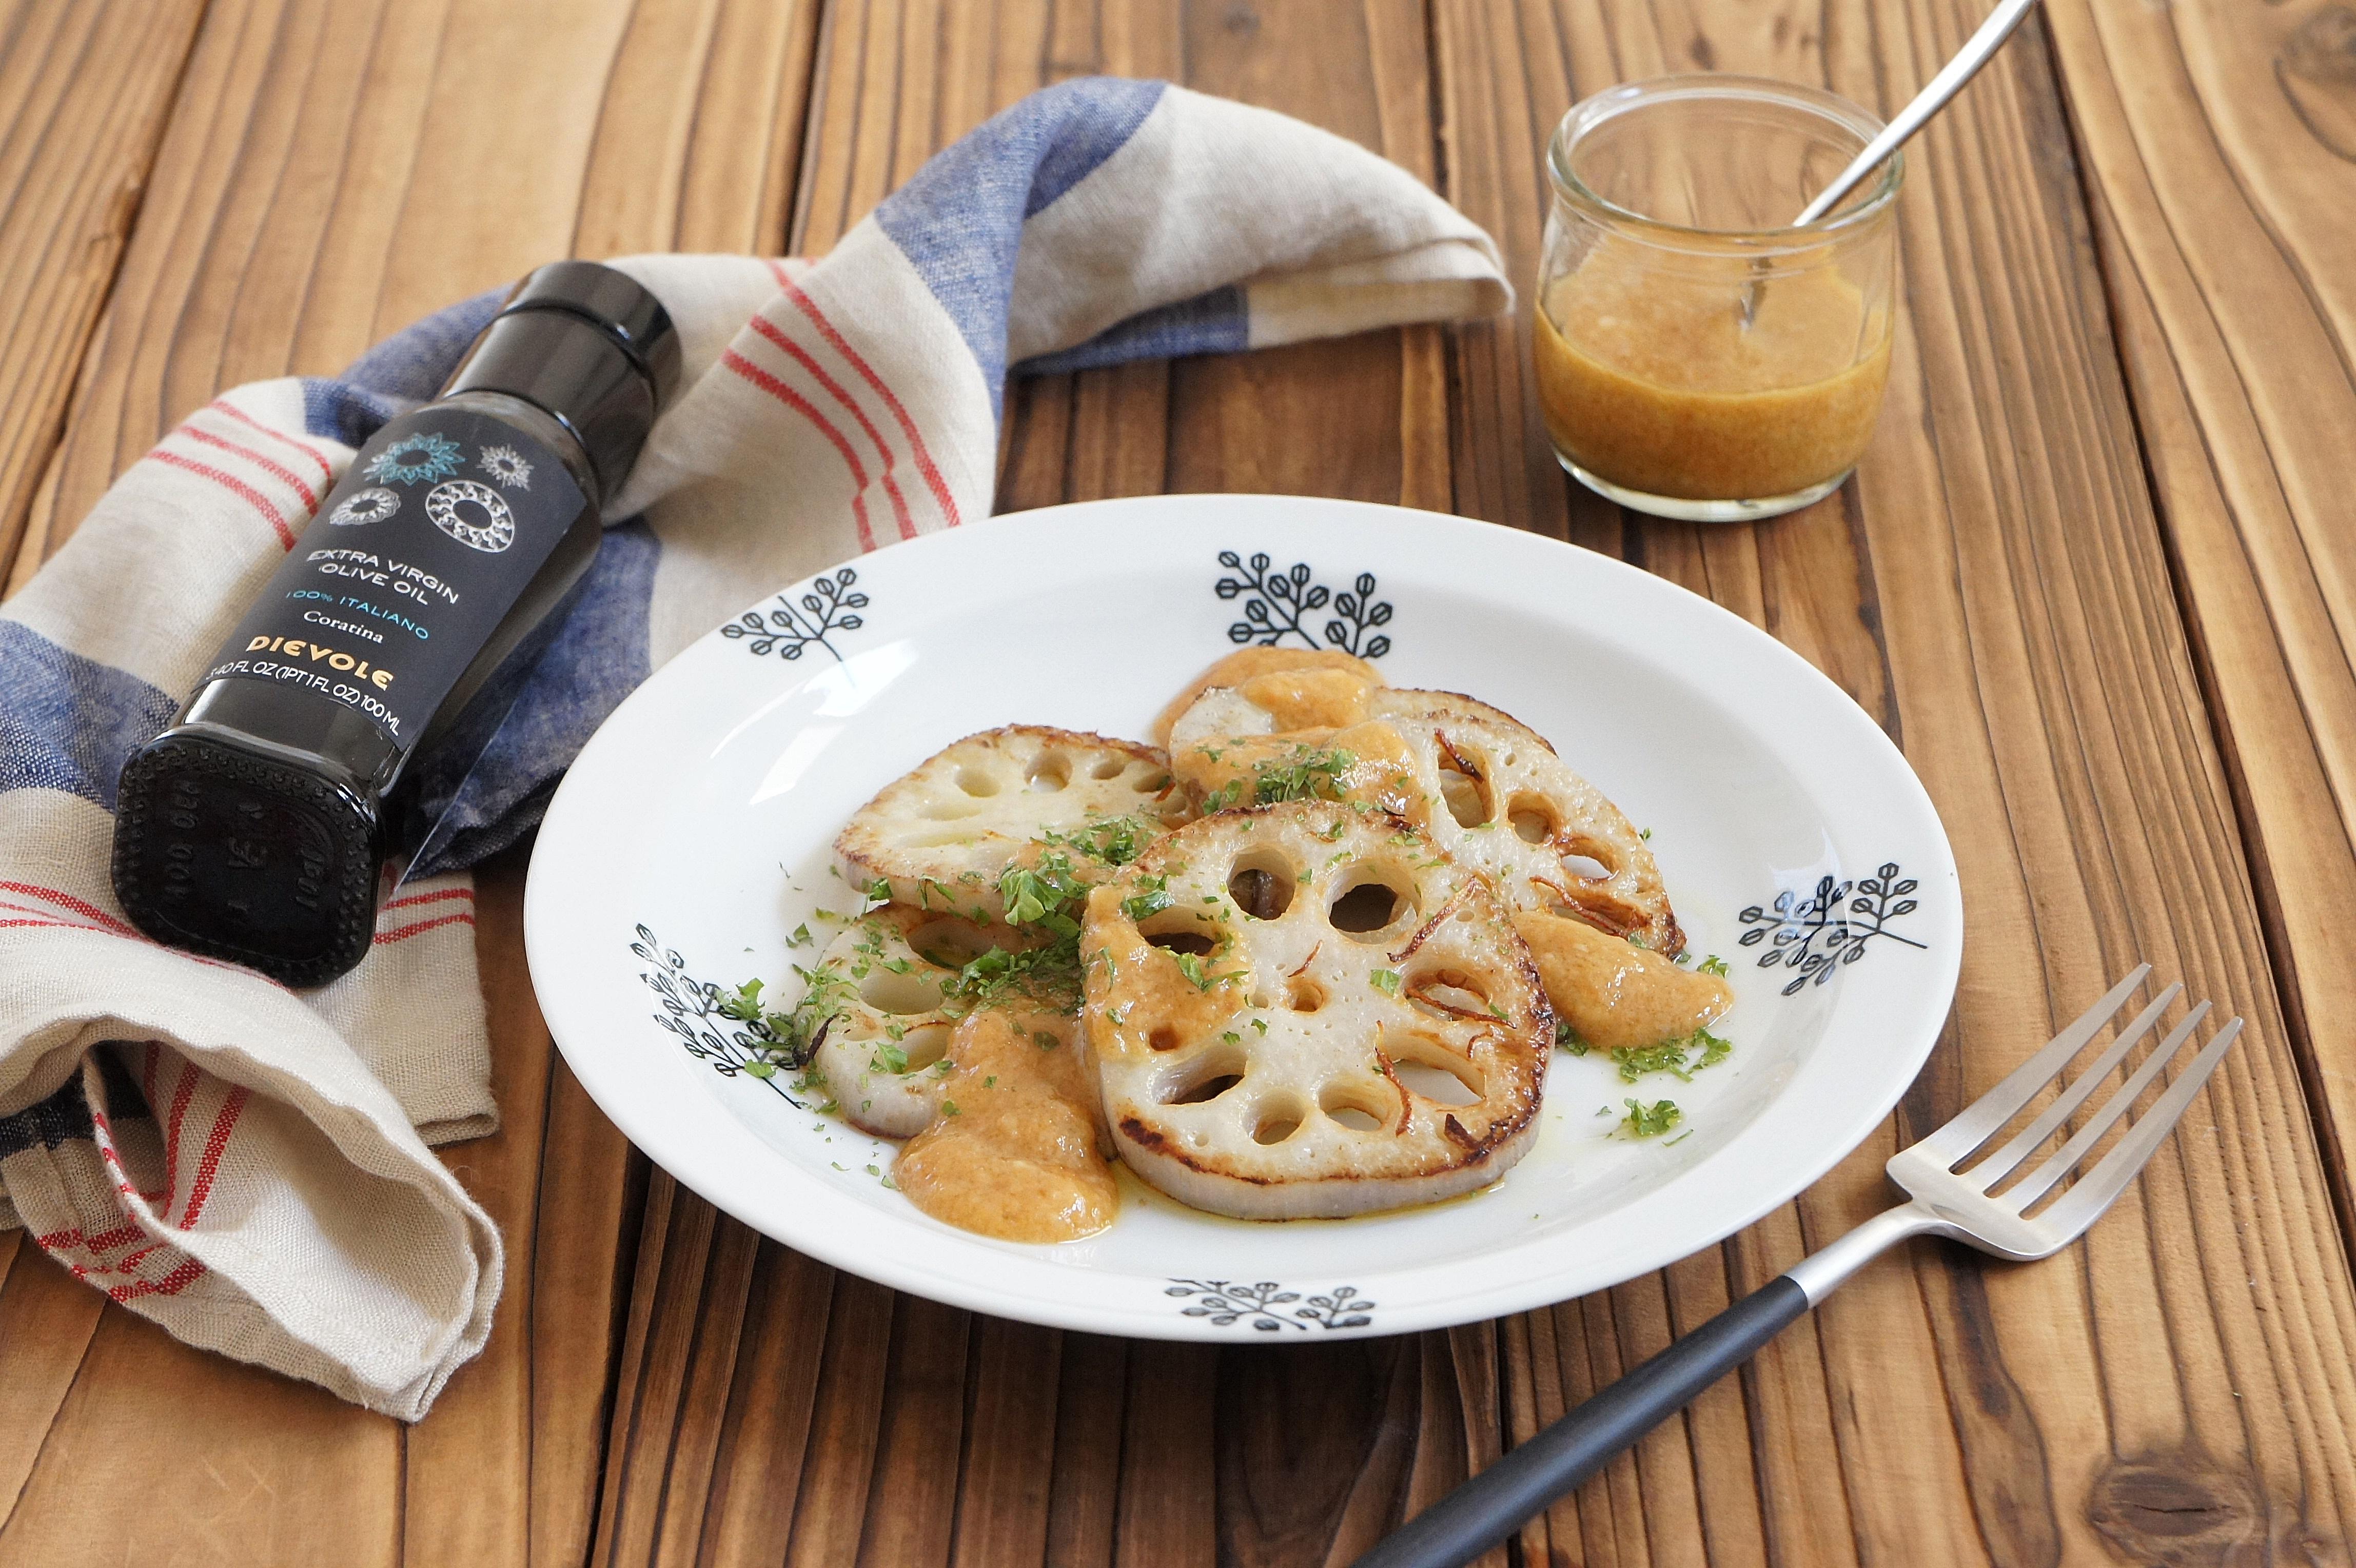 【レシピ掲載】感動オリーブオイル「れんこんソテー味噌オイルソースで」&長男の文化祭